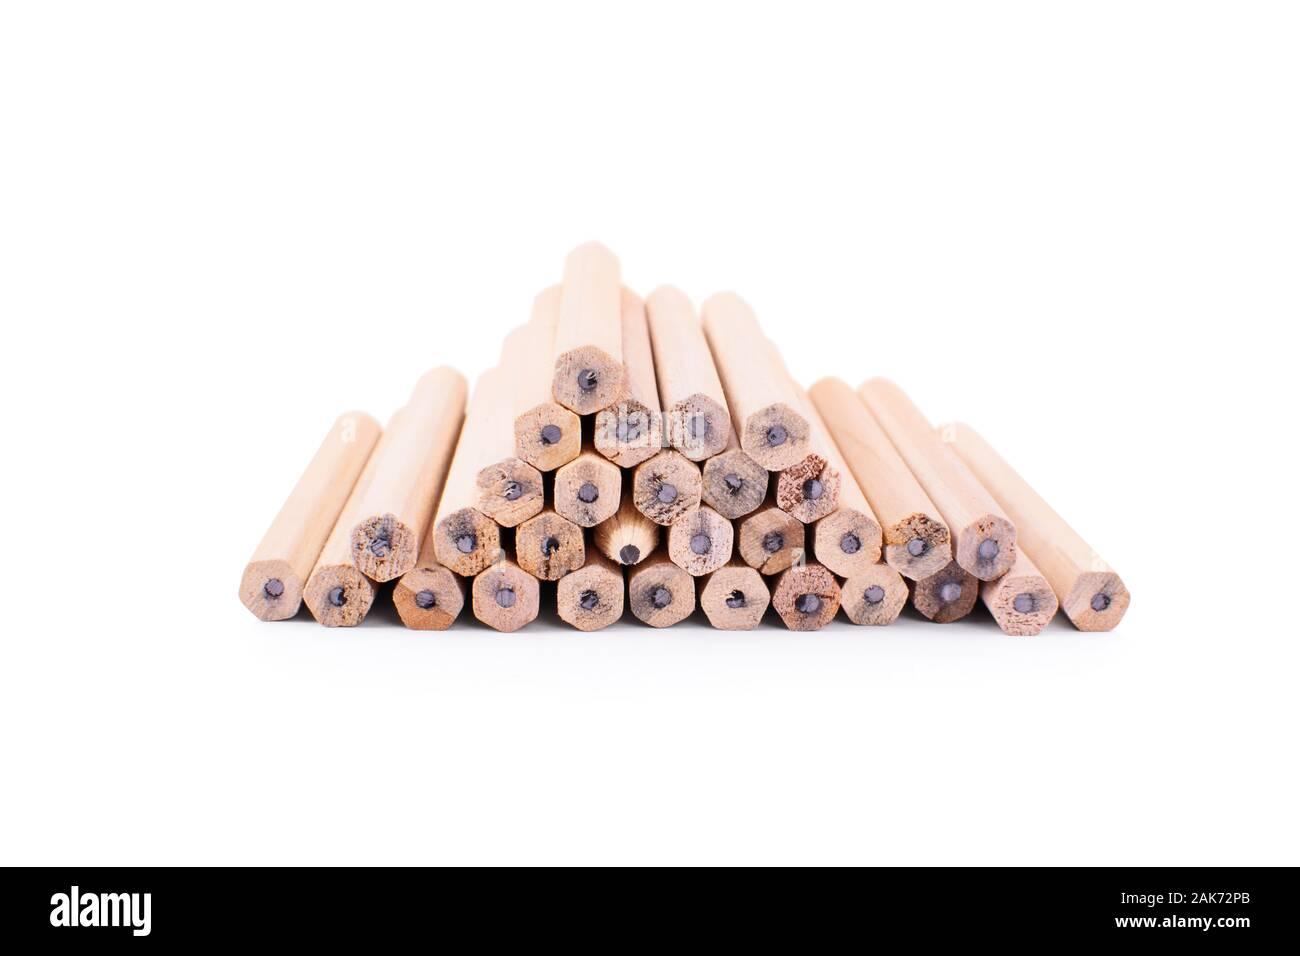 L'un fait une différence. Crayons empilés les uns sur les autres sous la forme d'une pyramide avec une tournée avec la pointe vers l'appareil photo, isolé. Banque D'Images